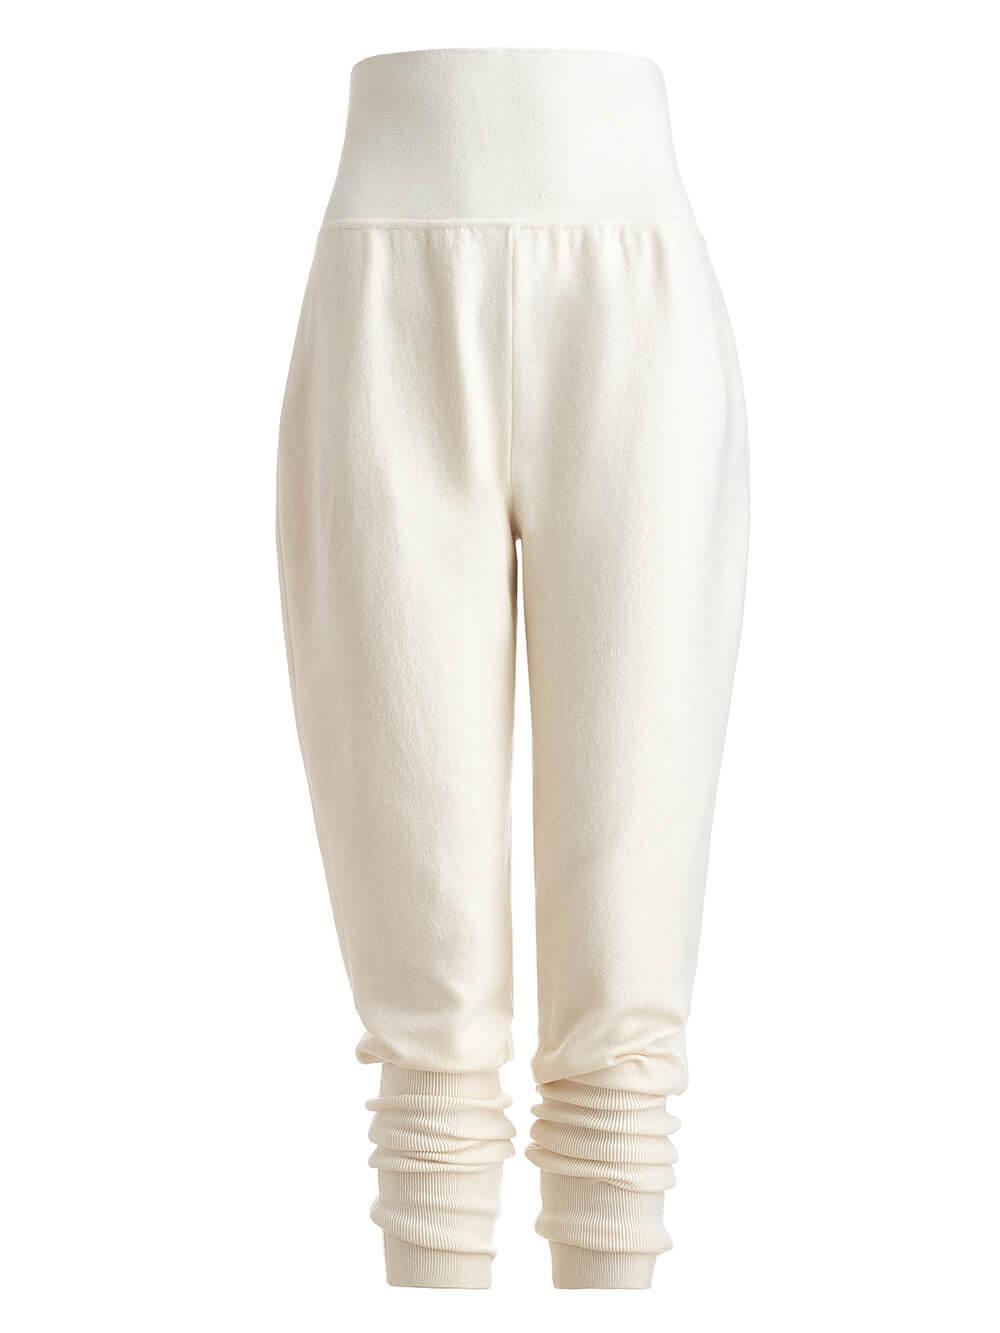 Женские брюки молочного цвета из шерсти - фото 1